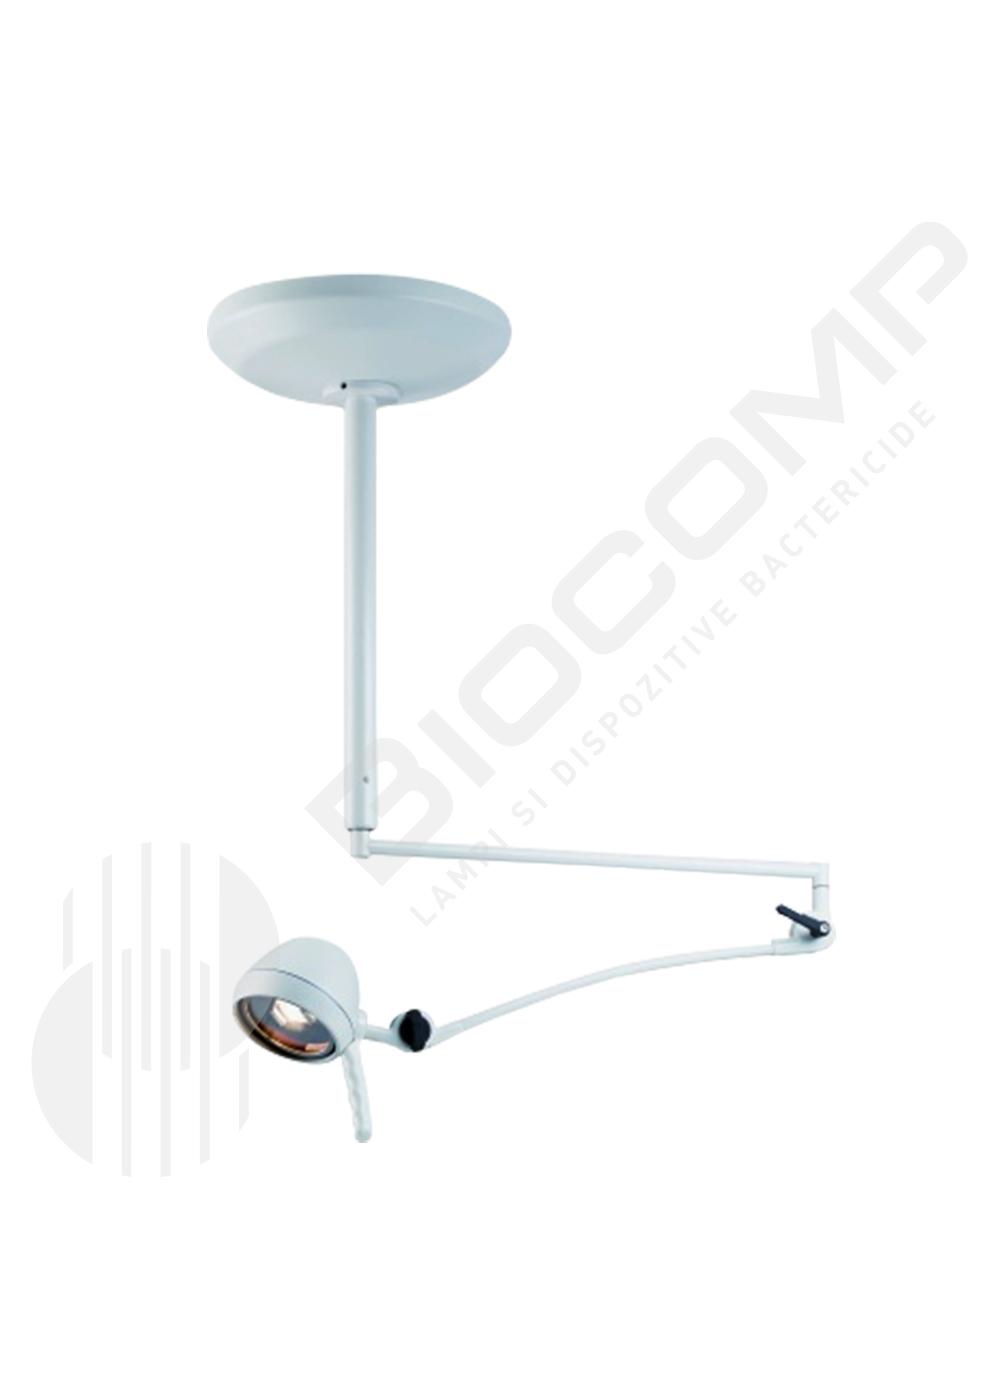 Lampa de examinare cu halogen, brat flexibil si montare pe tavan  - pentru camere de pana la 2,5 m inaltime